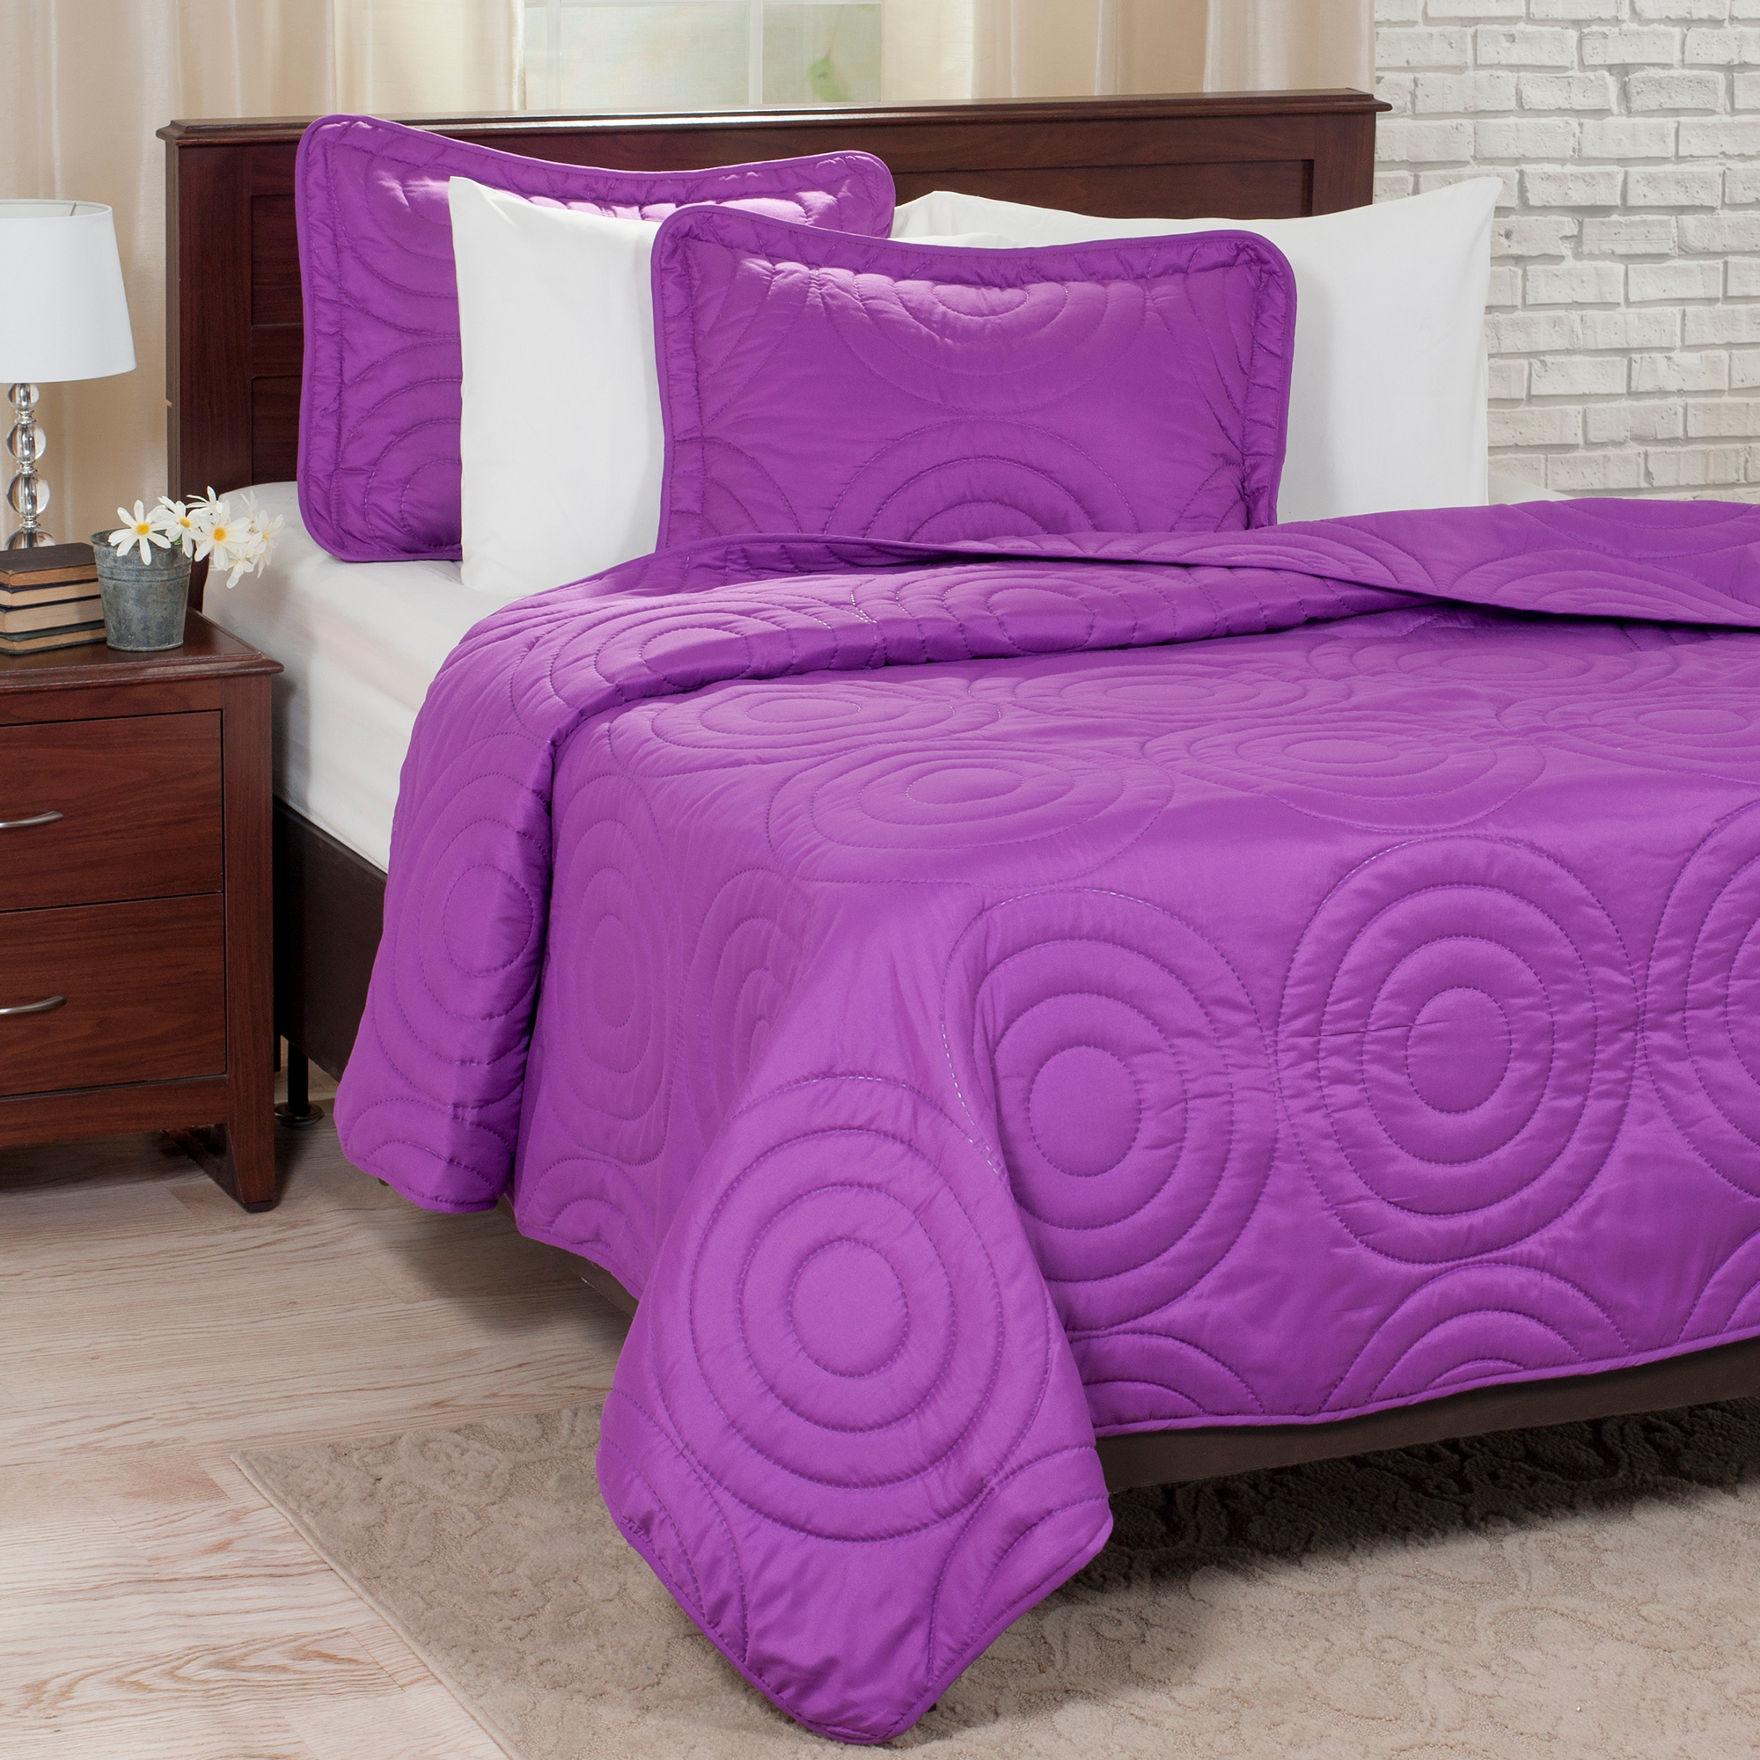 Lavish Home Purple Quilts & Quilt Sets